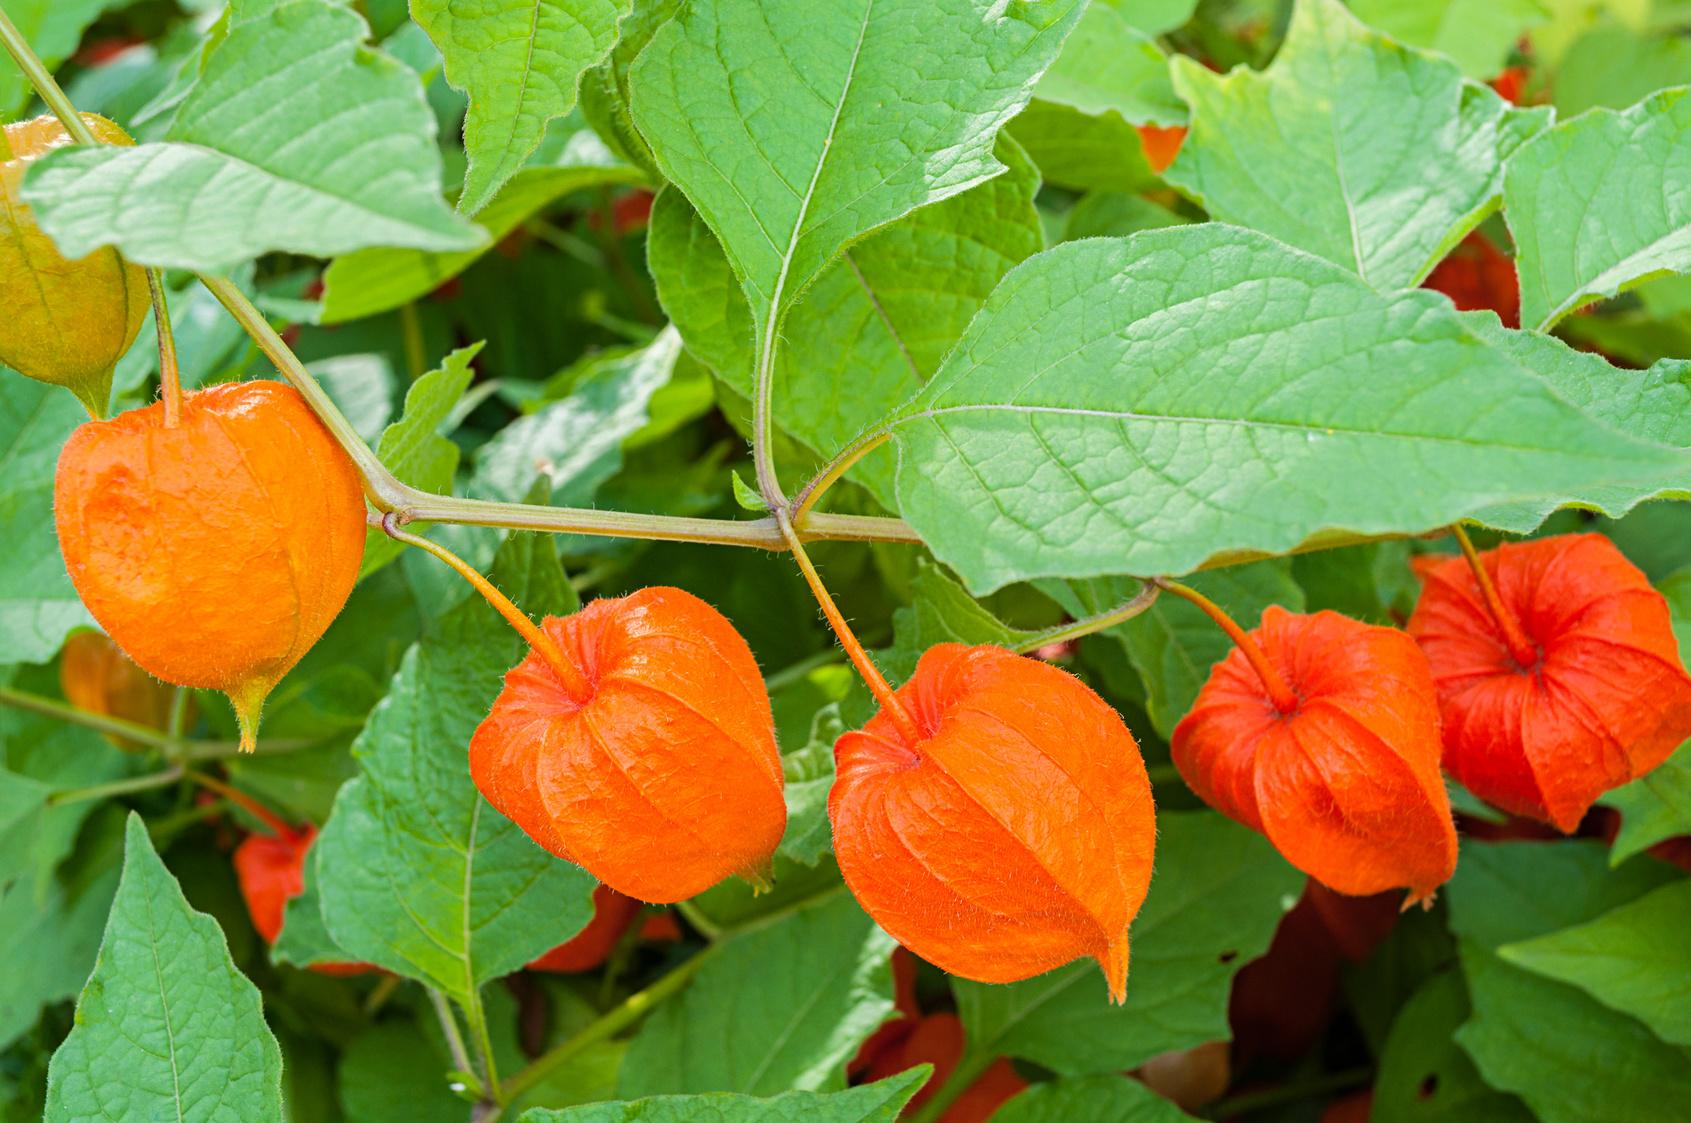 Pianta Ornamentale Con Bacche Rosse cos'è l'alchechengi, un frutto insolito semplice da coltivare